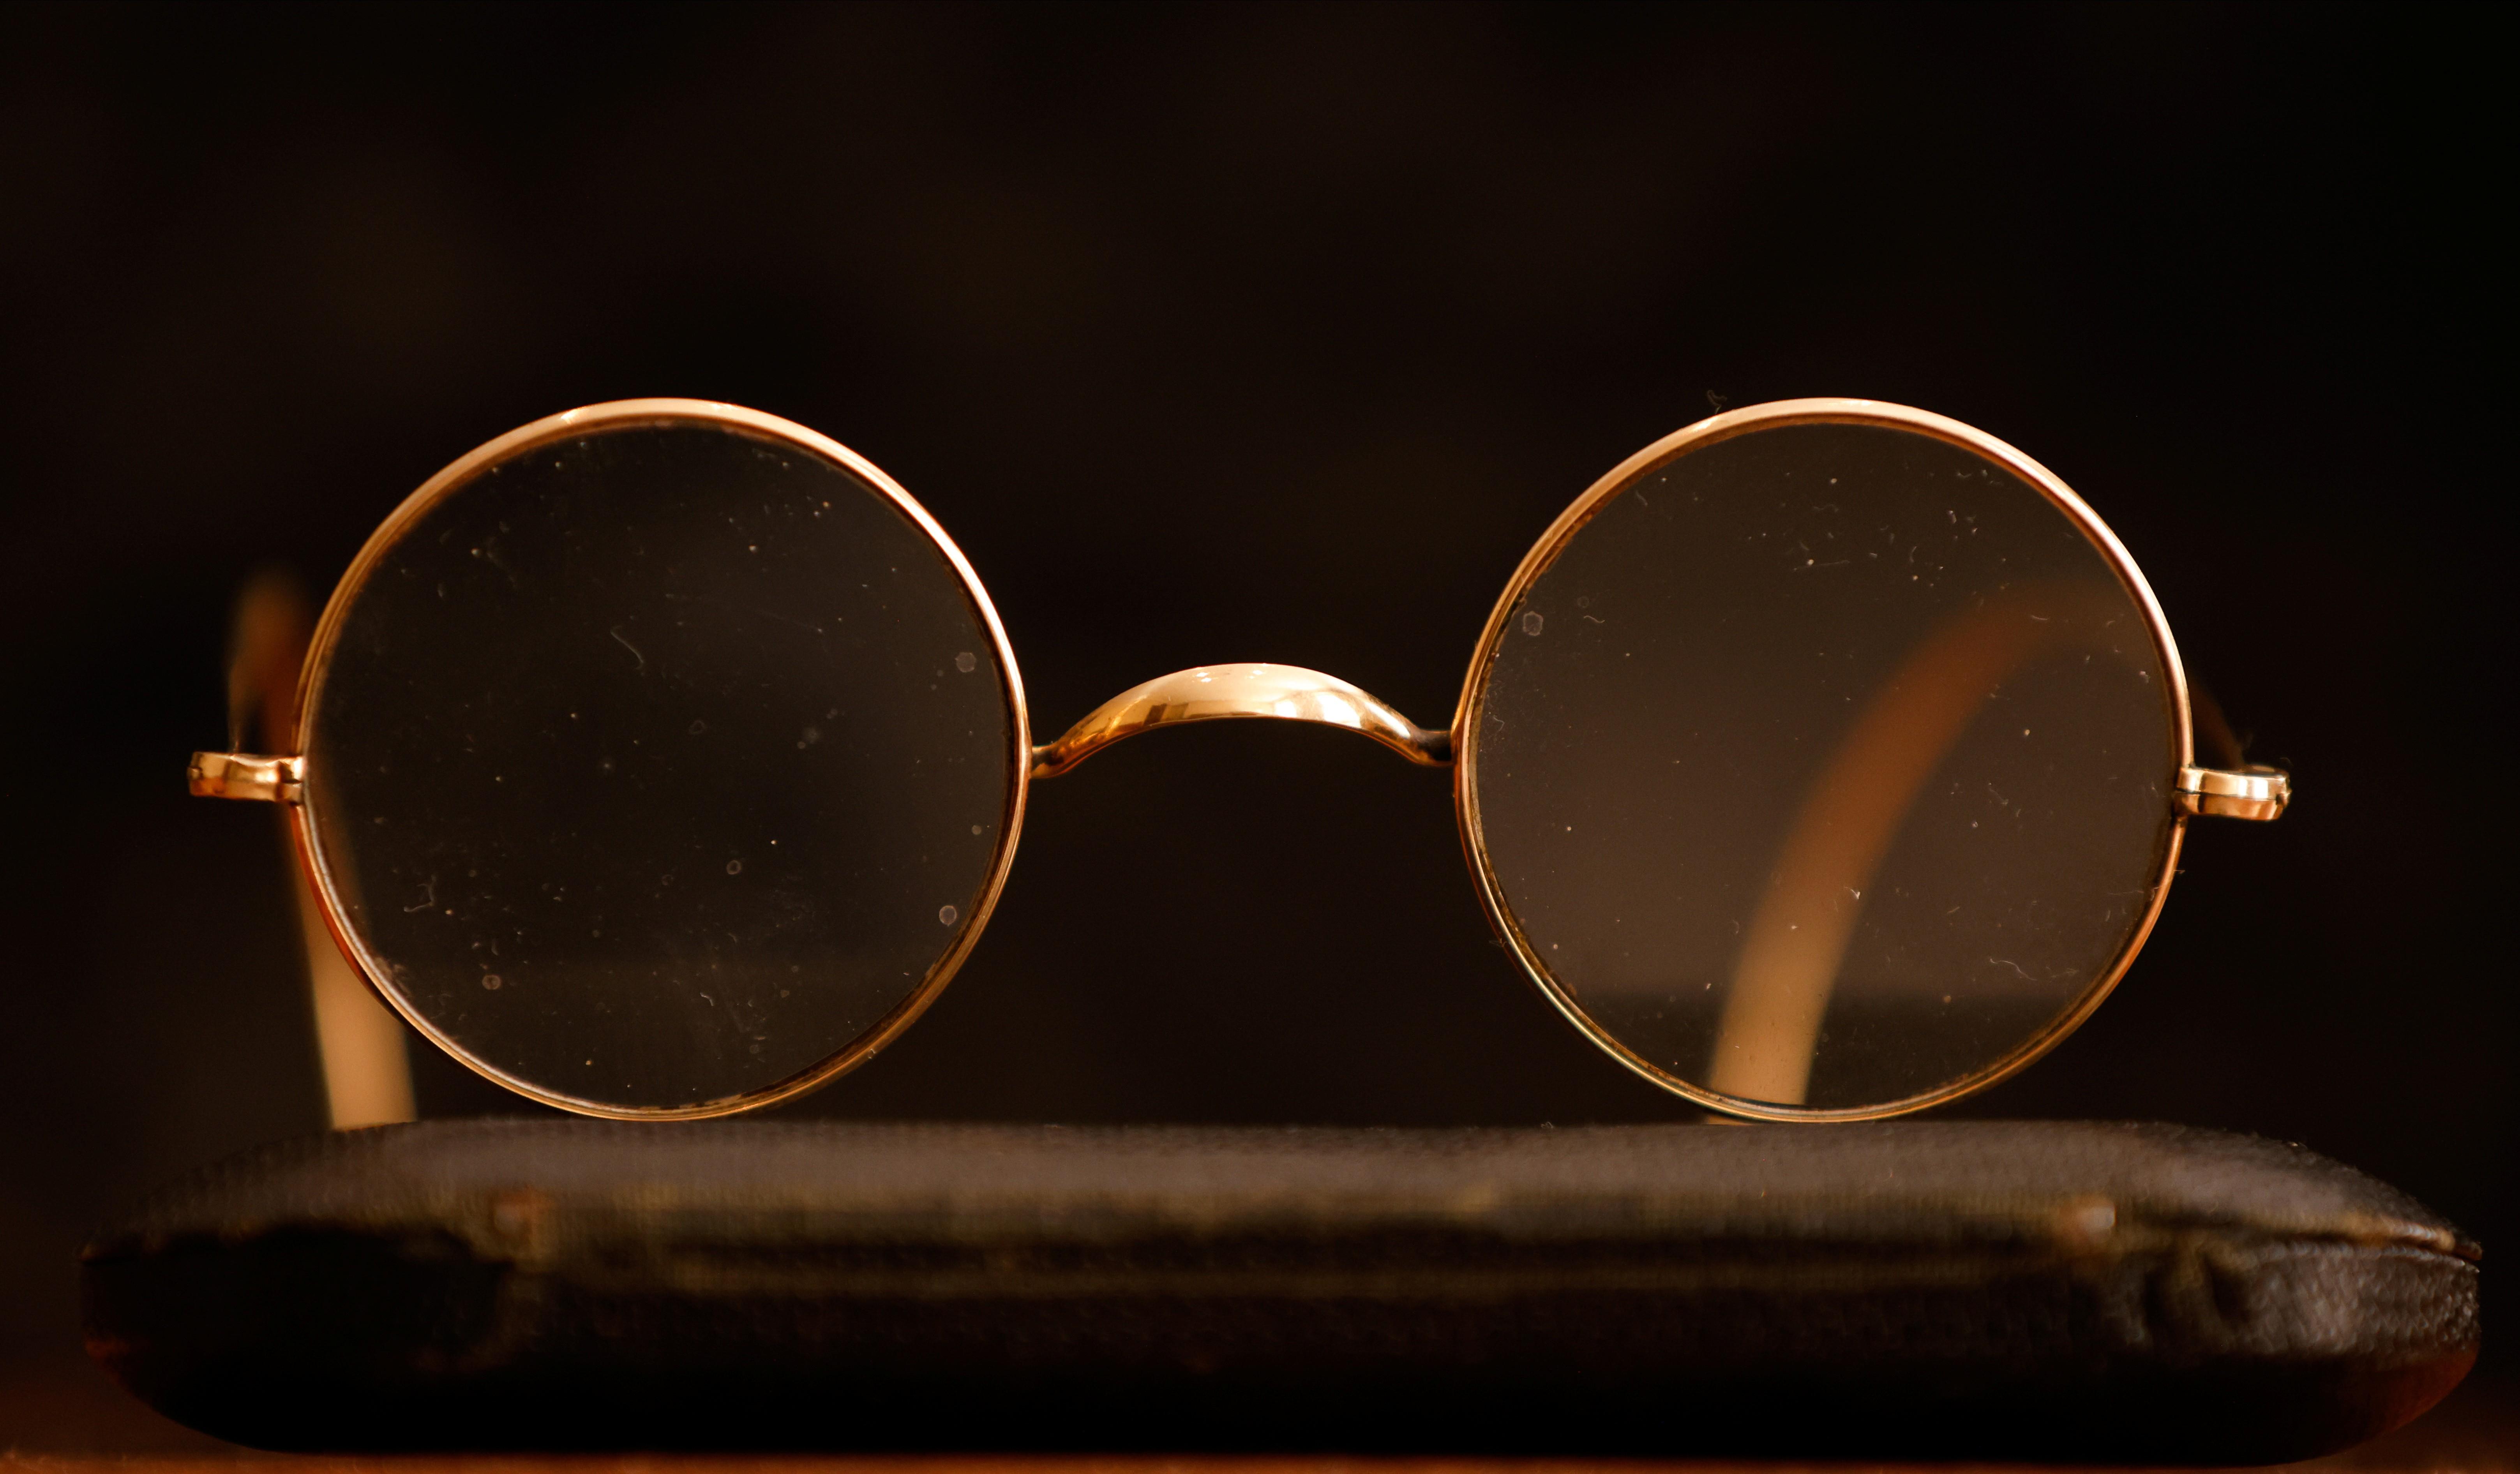 Leilão de objetos dos Beatles tem óculos de John Lennon por até R$ 280 mil